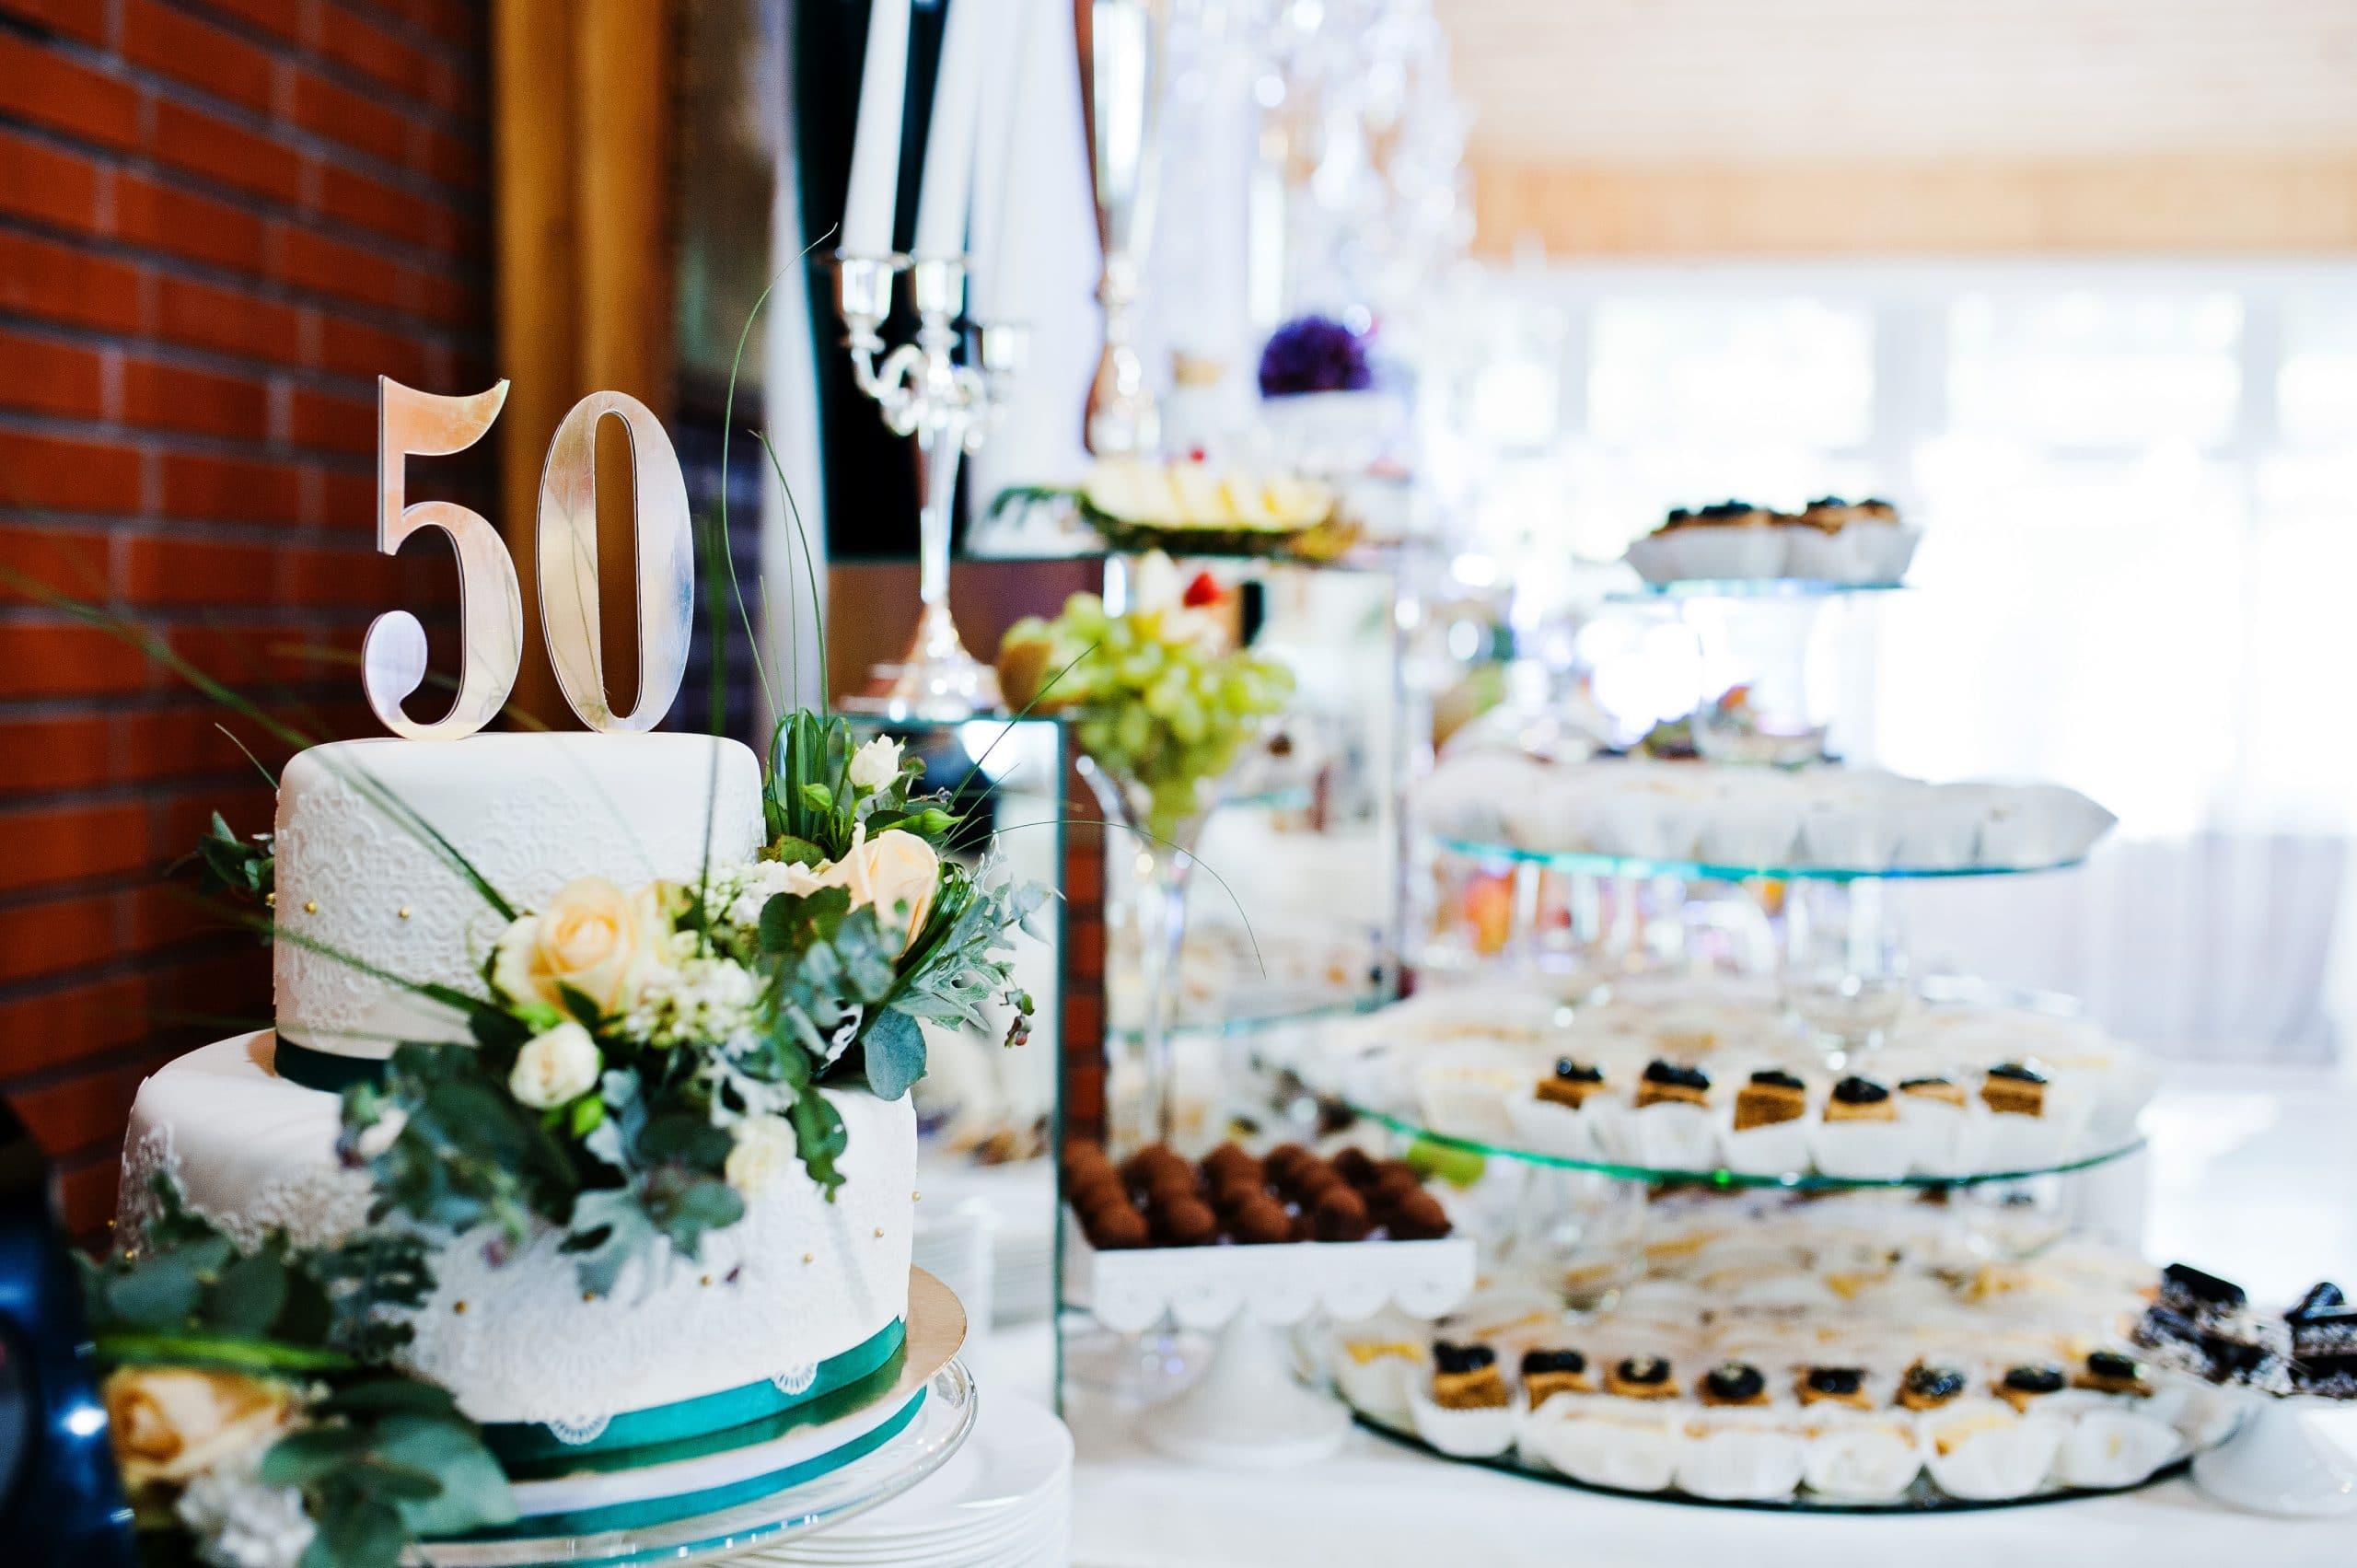 sånghäfte 60 års fest 50 årsfest   tips och idéer till en kul 50 årsfest. Firafest.se sånghäfte 60 års fest